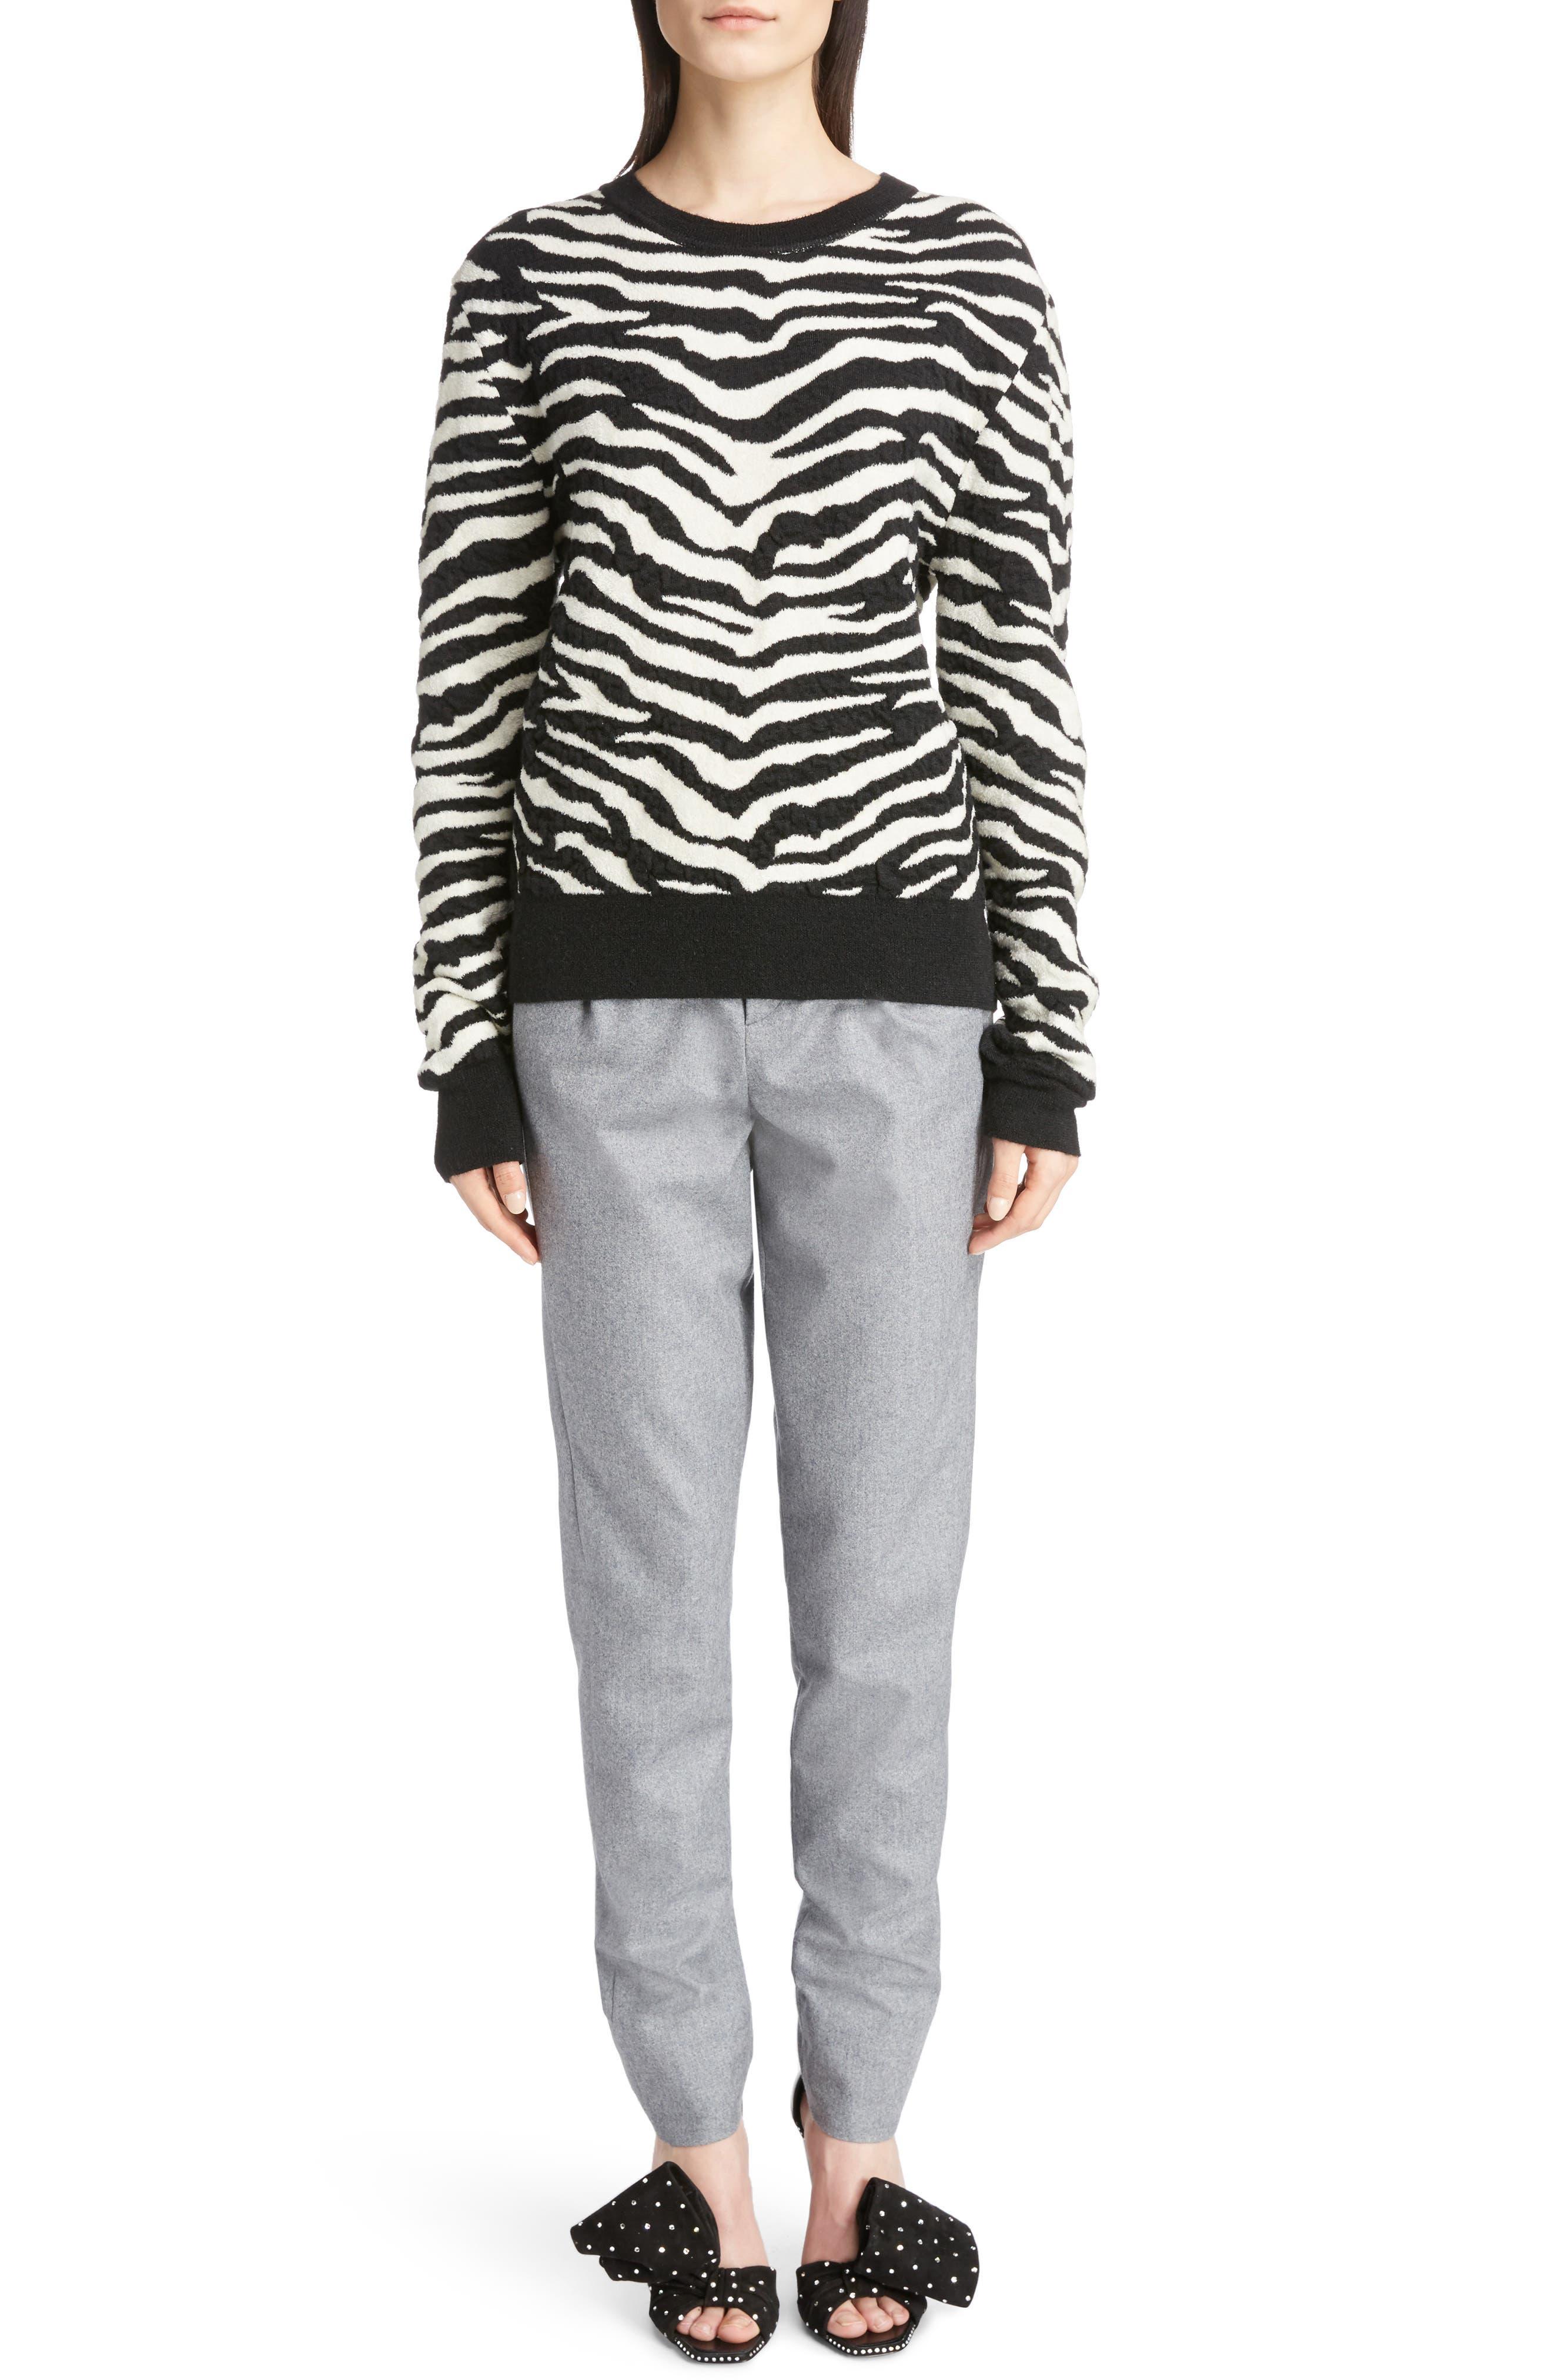 Saint Laurent Tiger Knit Sweater